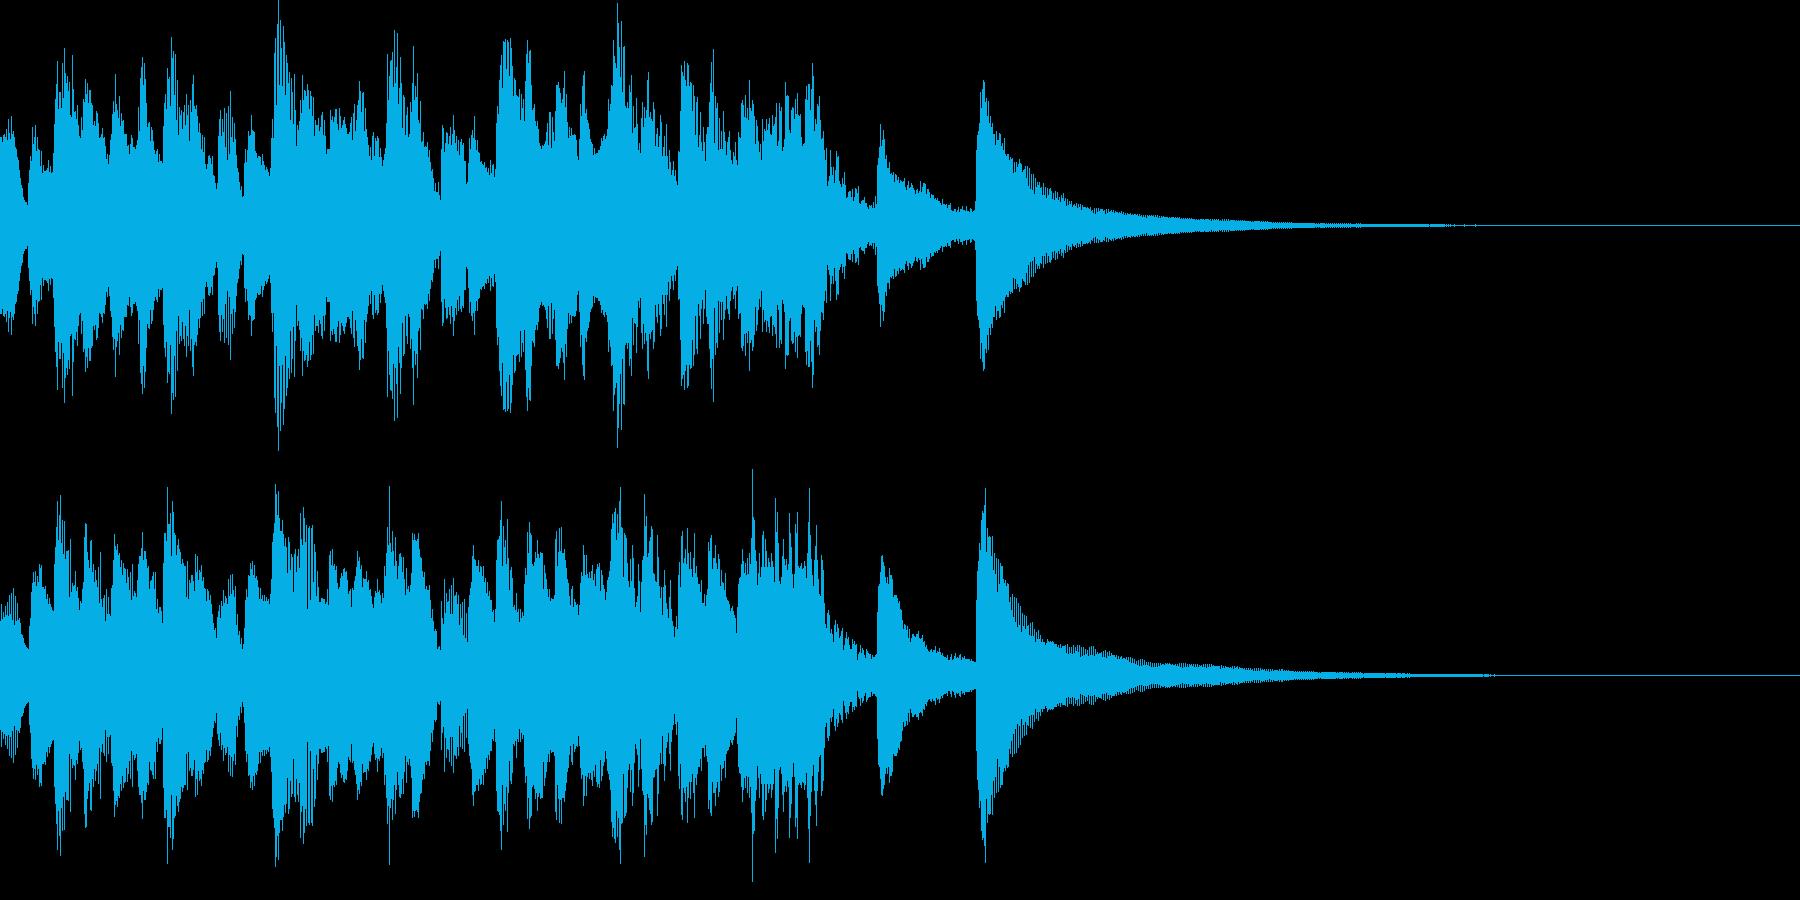 バッハ風のハープシコードの典雅なジングルの再生済みの波形